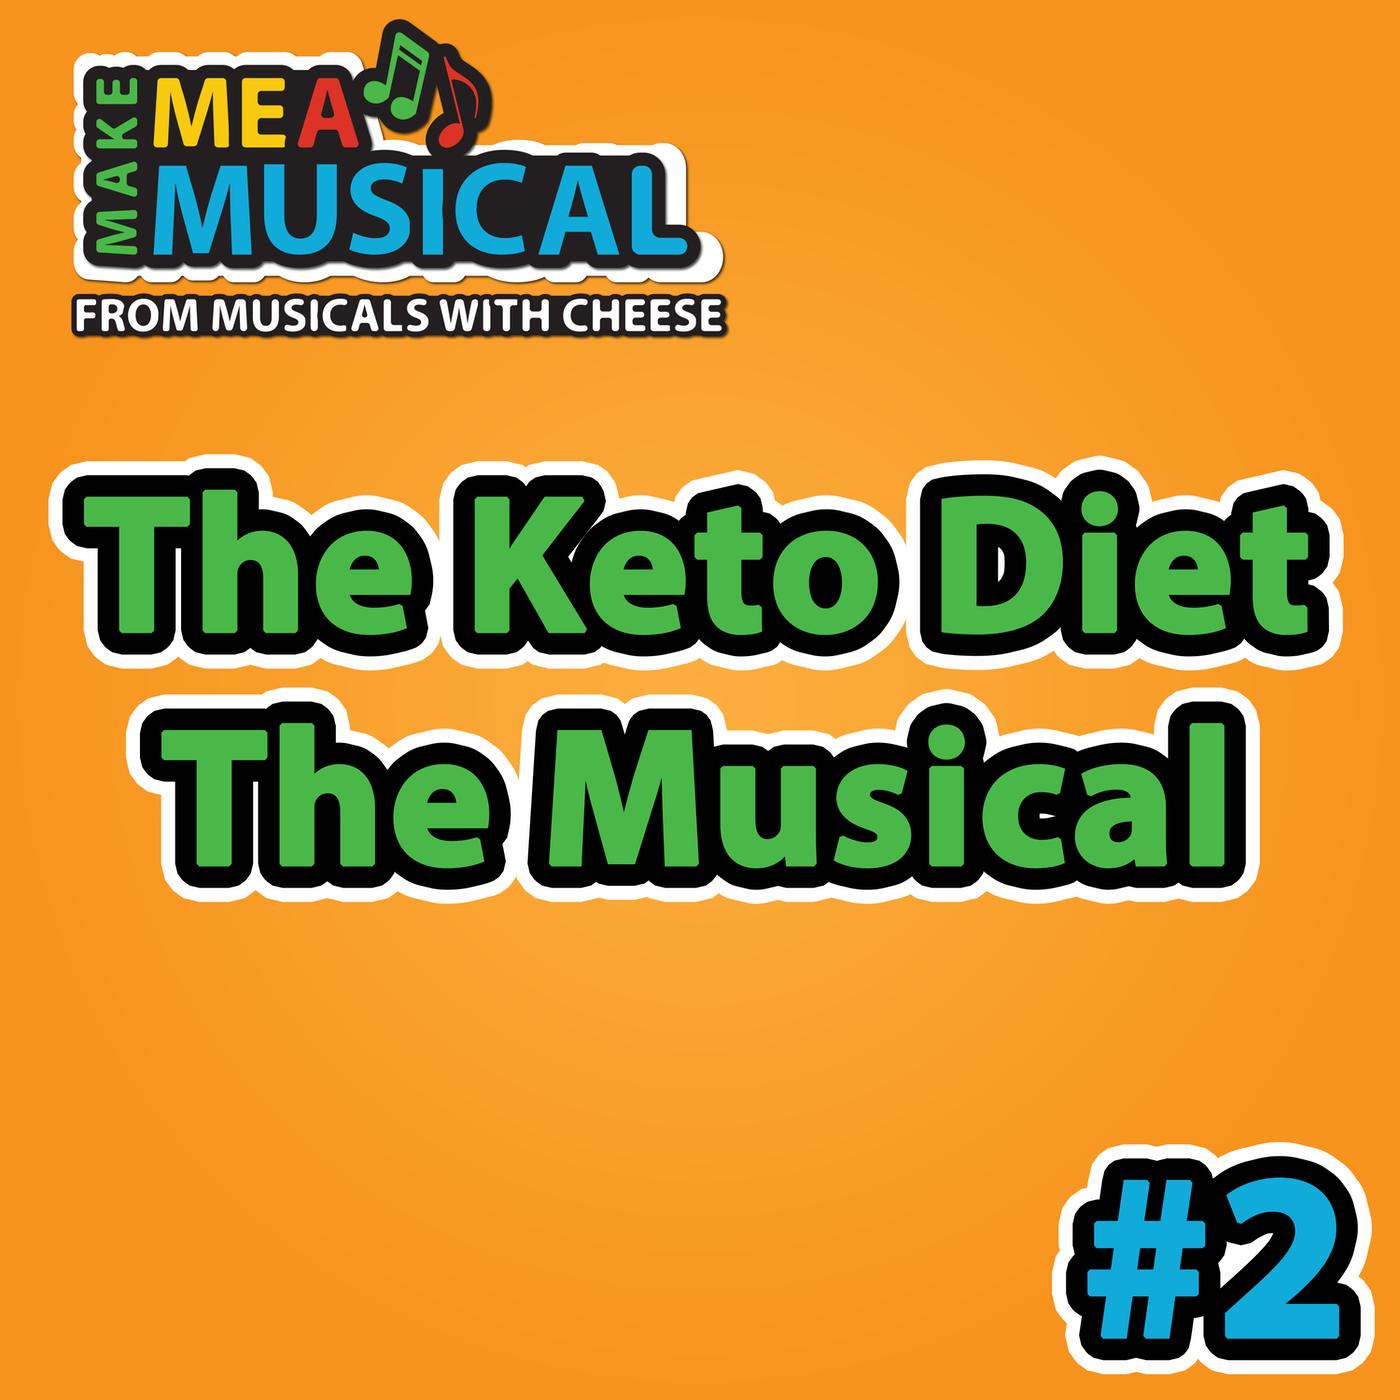 The Keto Diet Musical - Make me a Musical #2